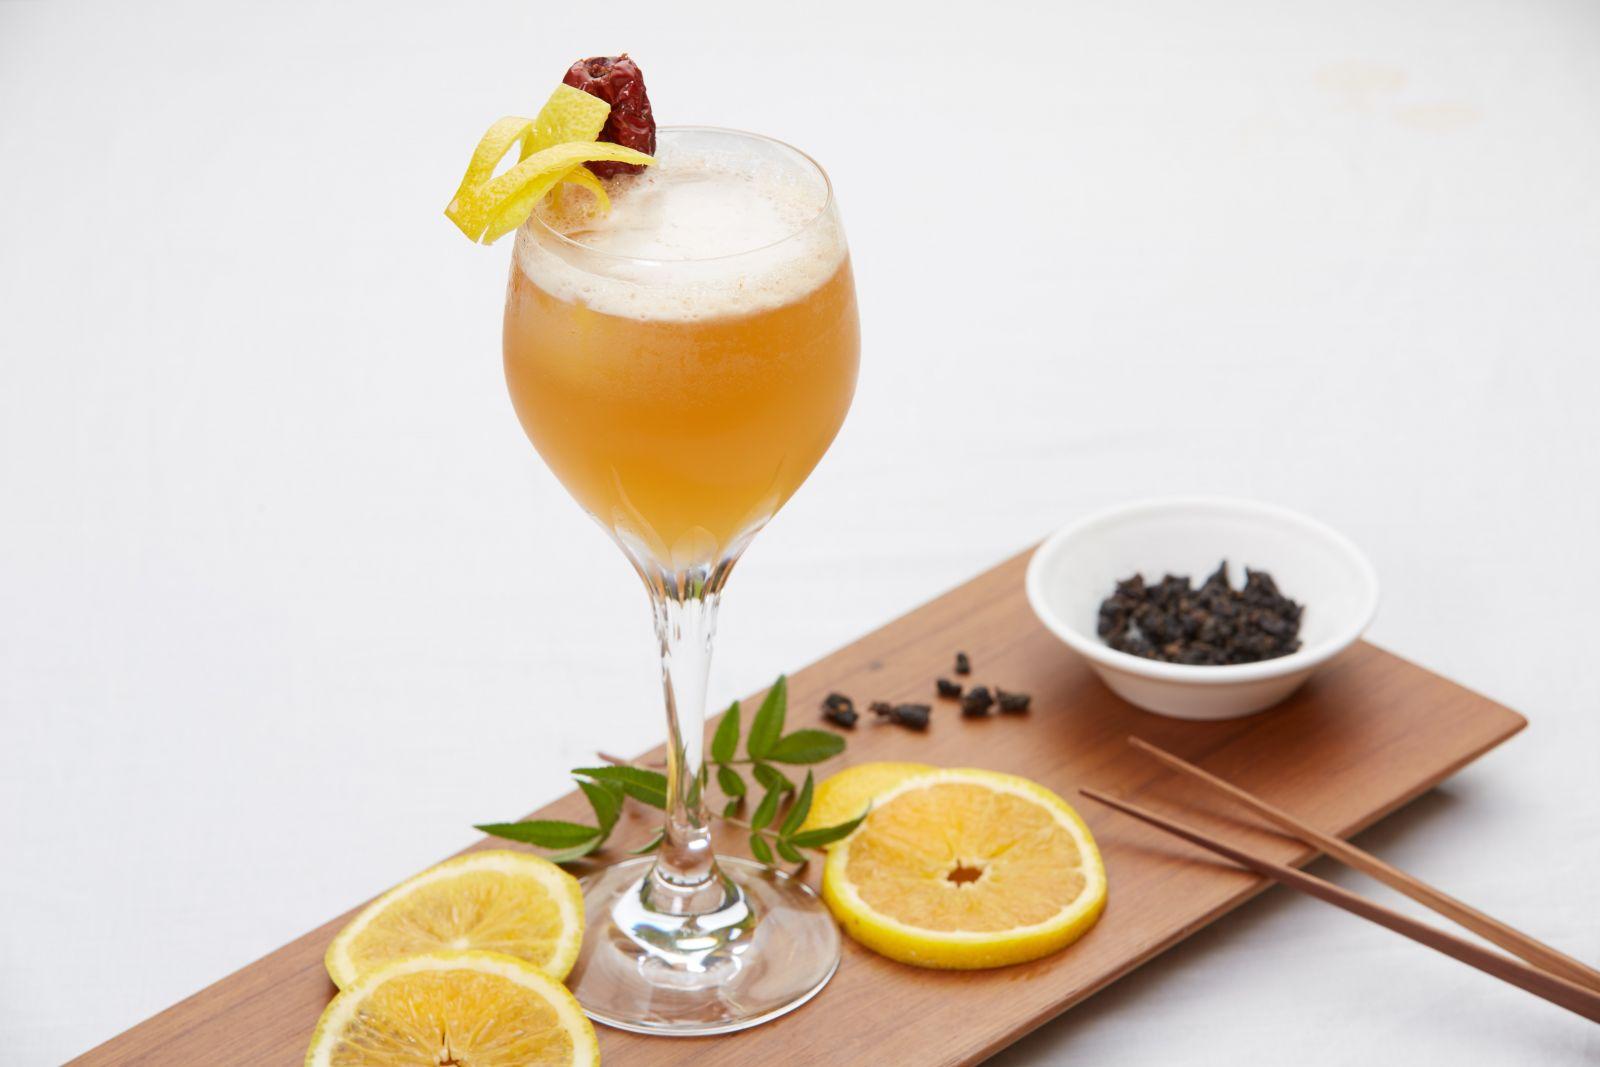 【如歸酒廊】周末喝酒的四大理由? 國賓推出史上最「酒瘋」優惠!